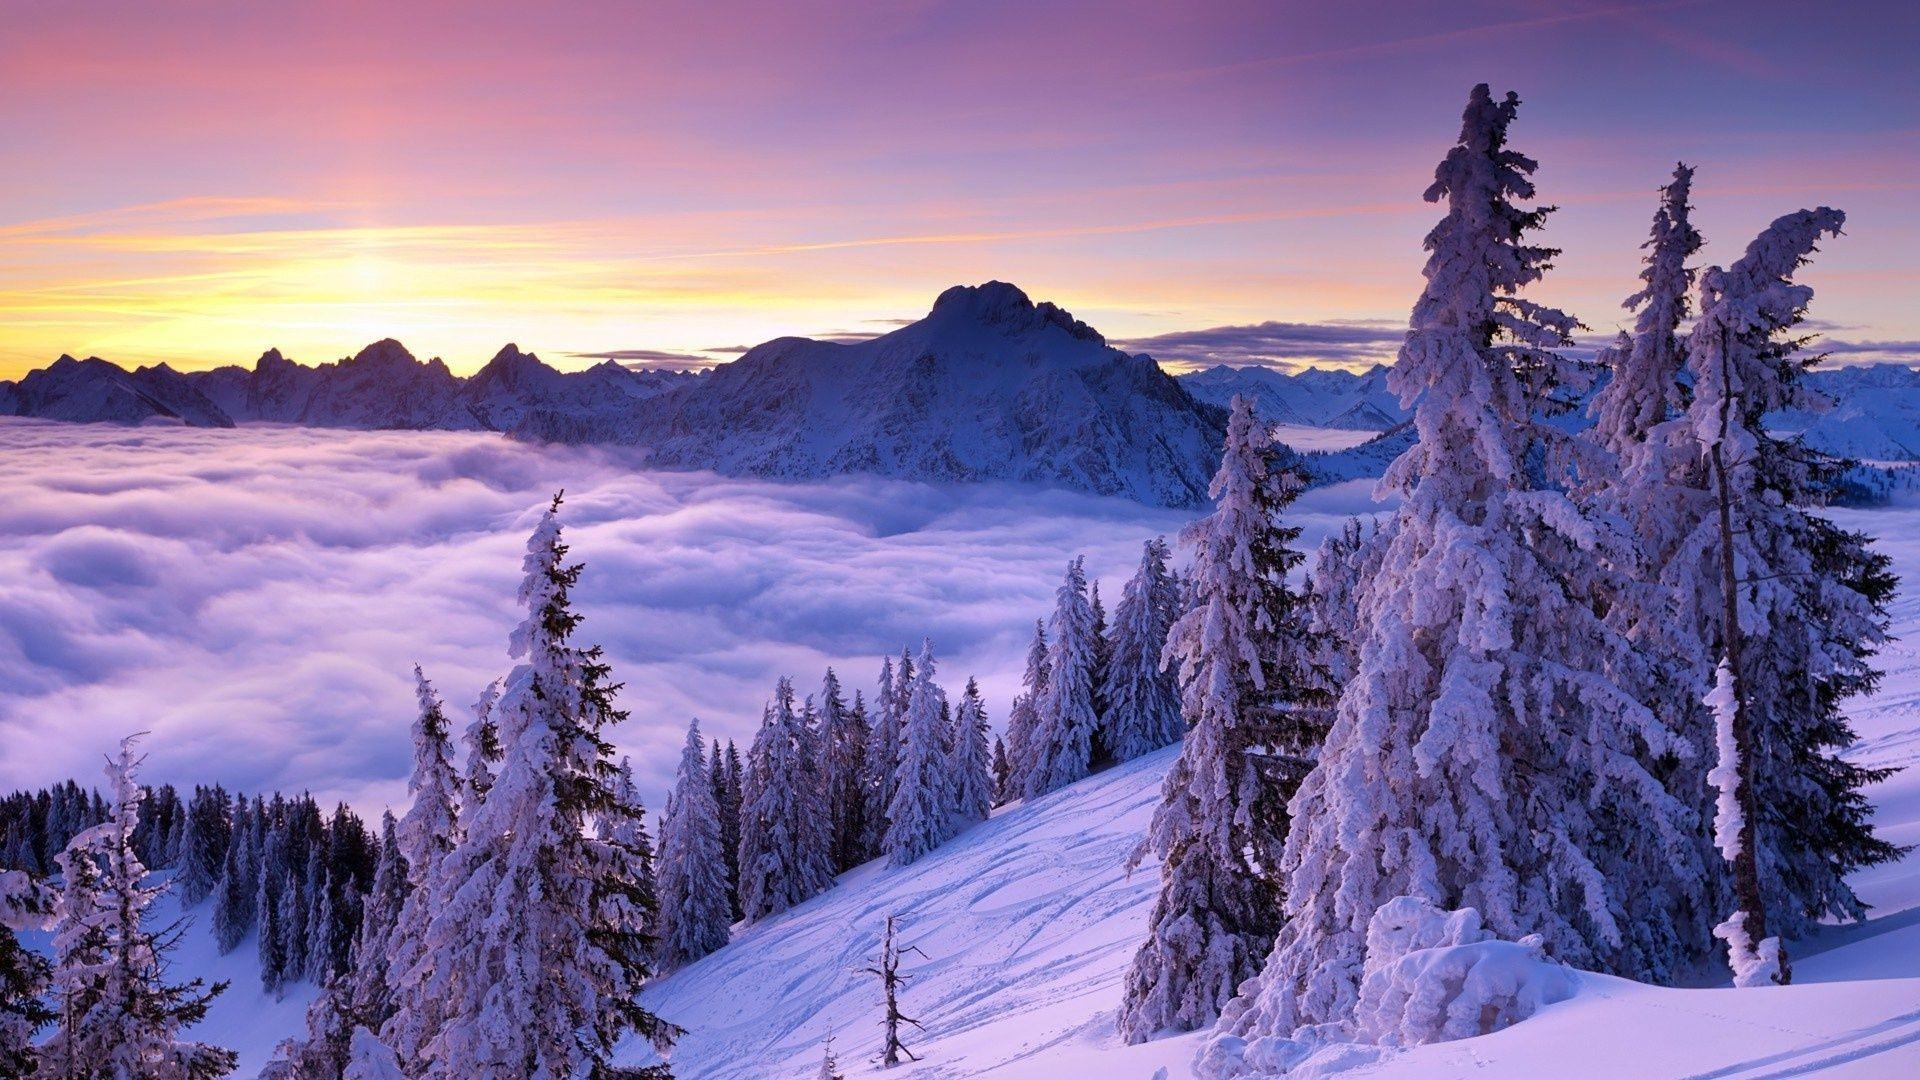 Sfondi cellulare hd inverno sfondi for Foto inverno per desktop